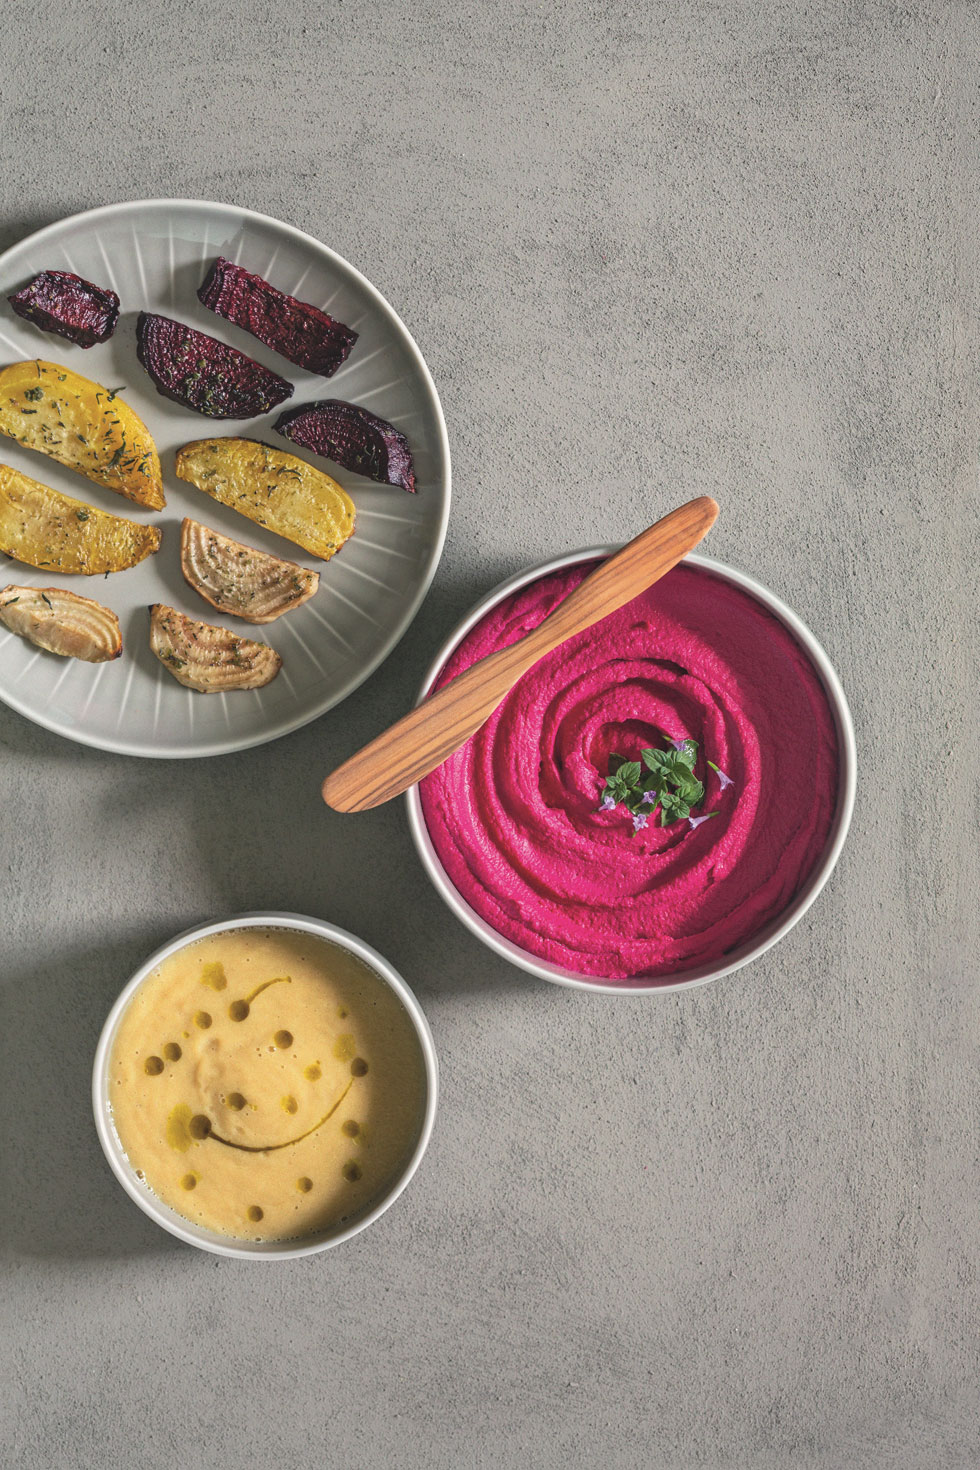 Ein Rezept – drei Variationen: Ofenbete, Bete-Hummus und cremige Bete-Suppe